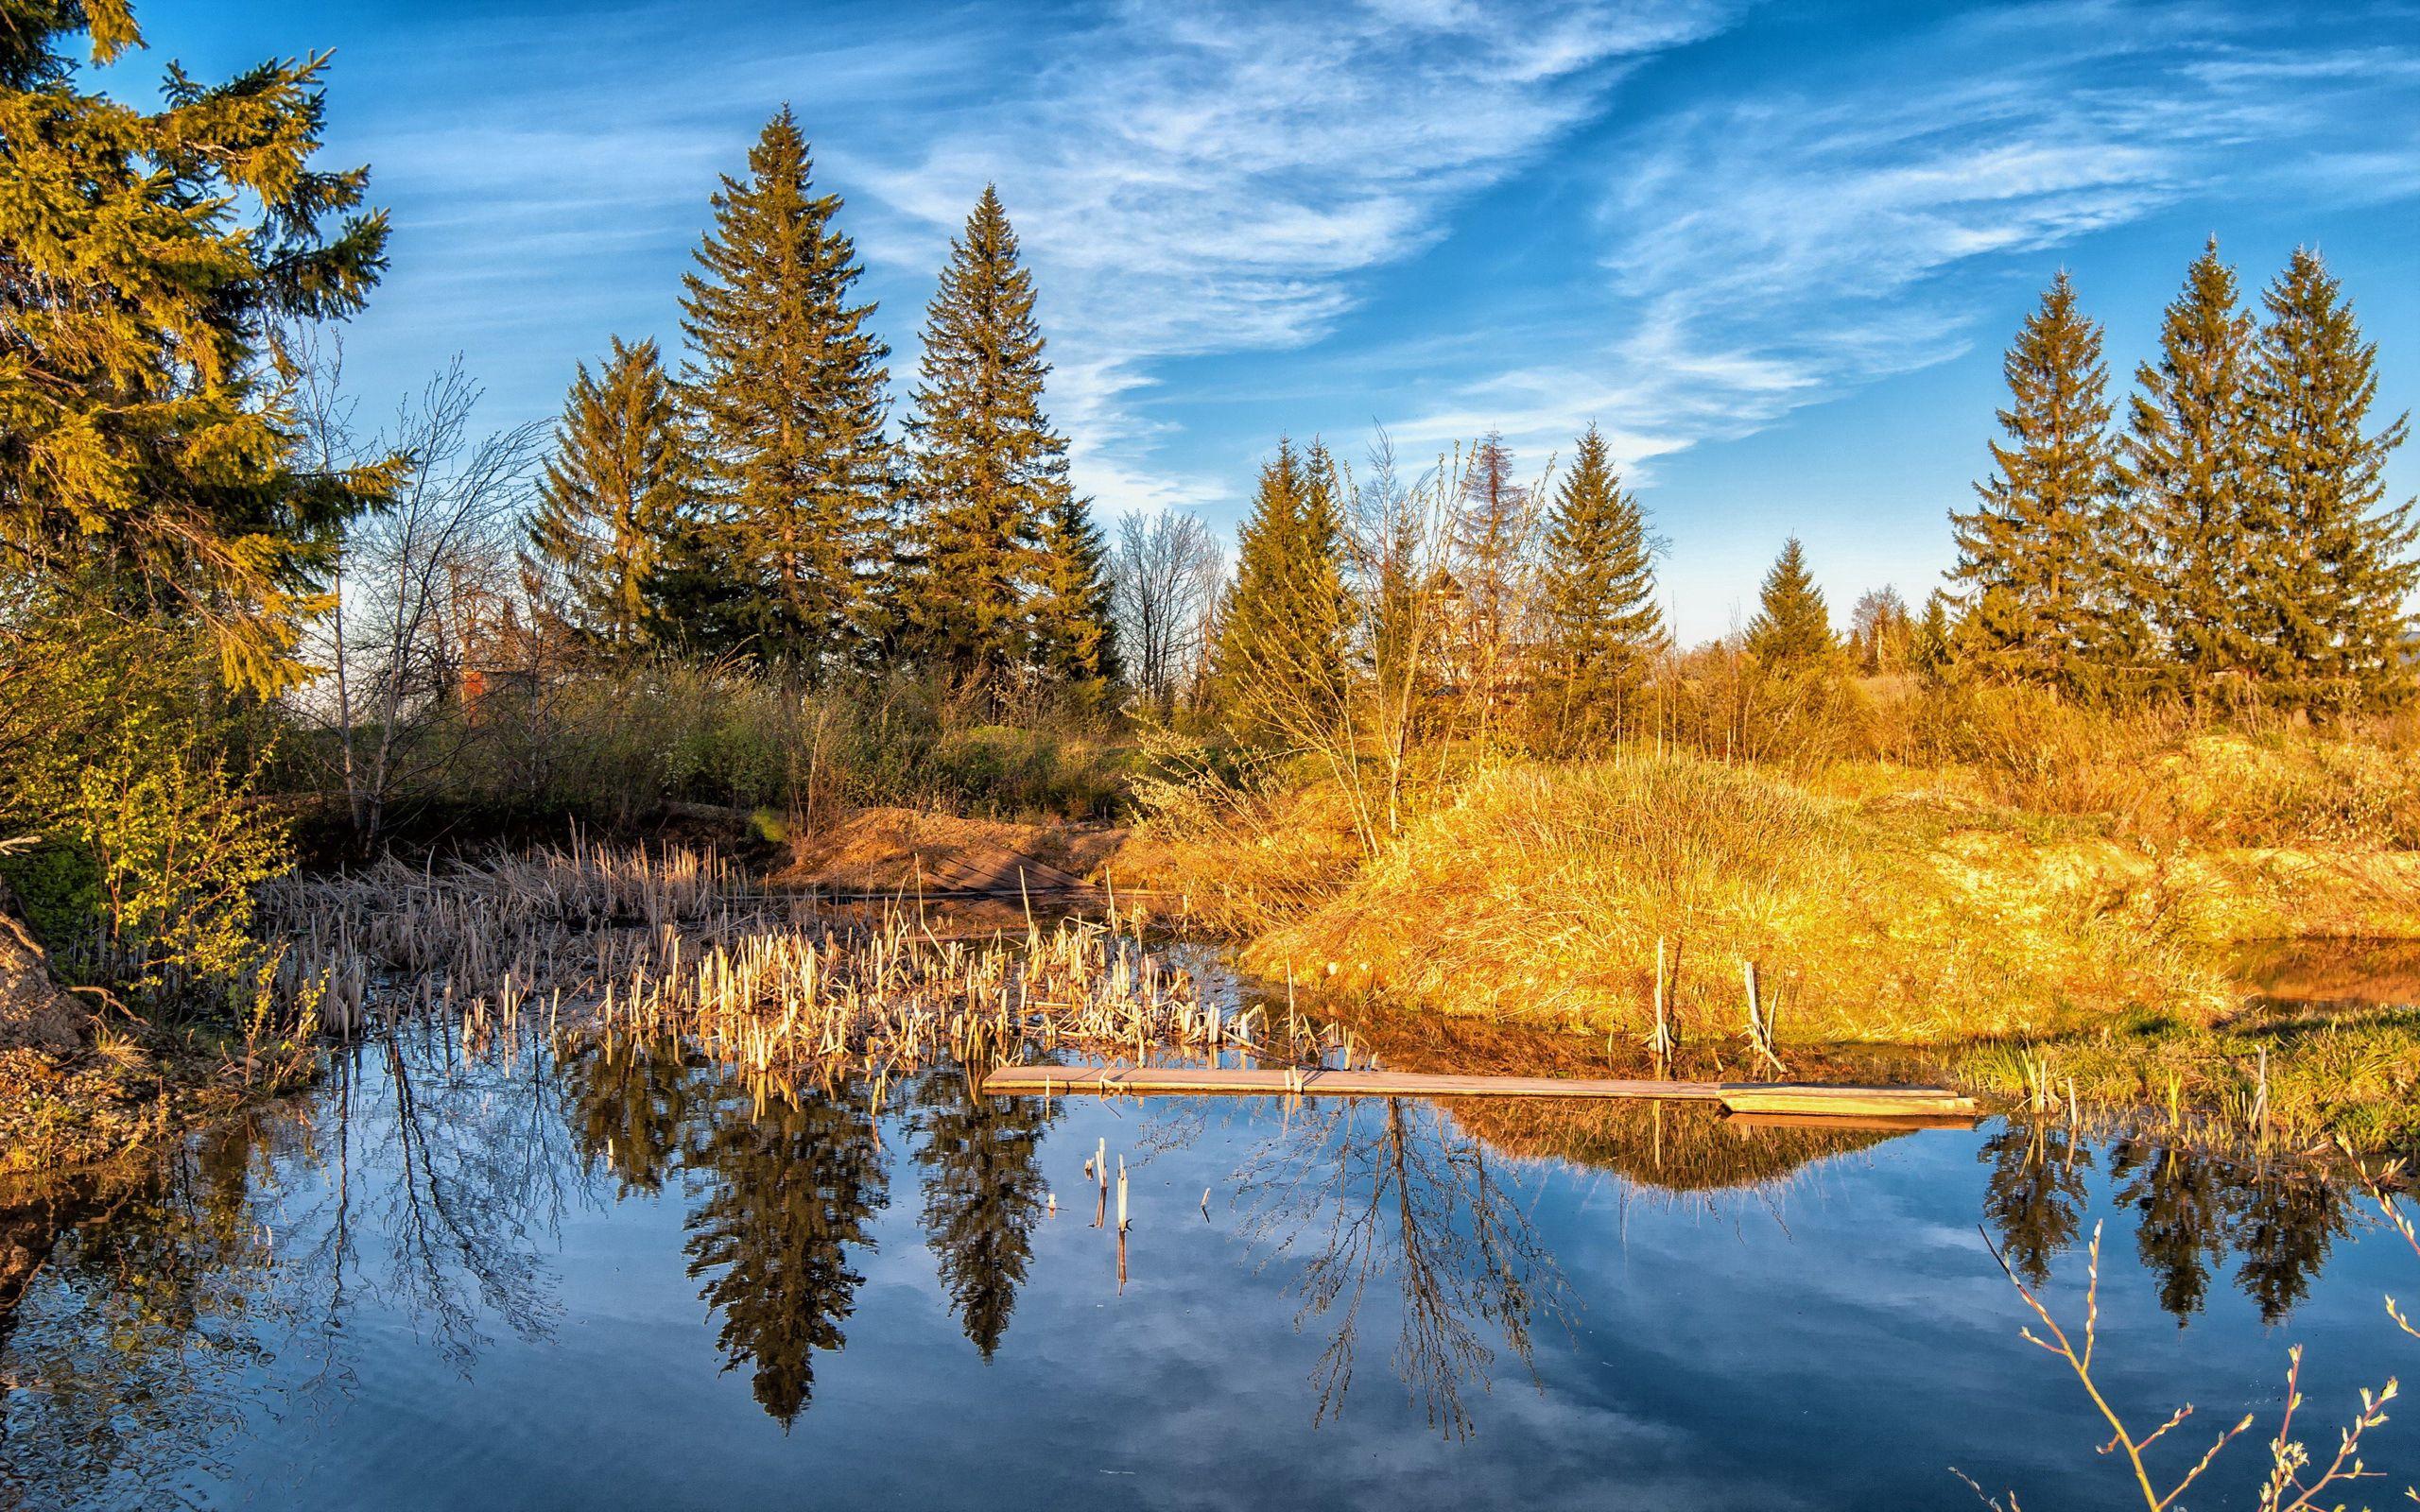 86615 завантажити шпалери Природа, Озеро, Ліс, Дерева, Осінь - заставки і картинки безкоштовно